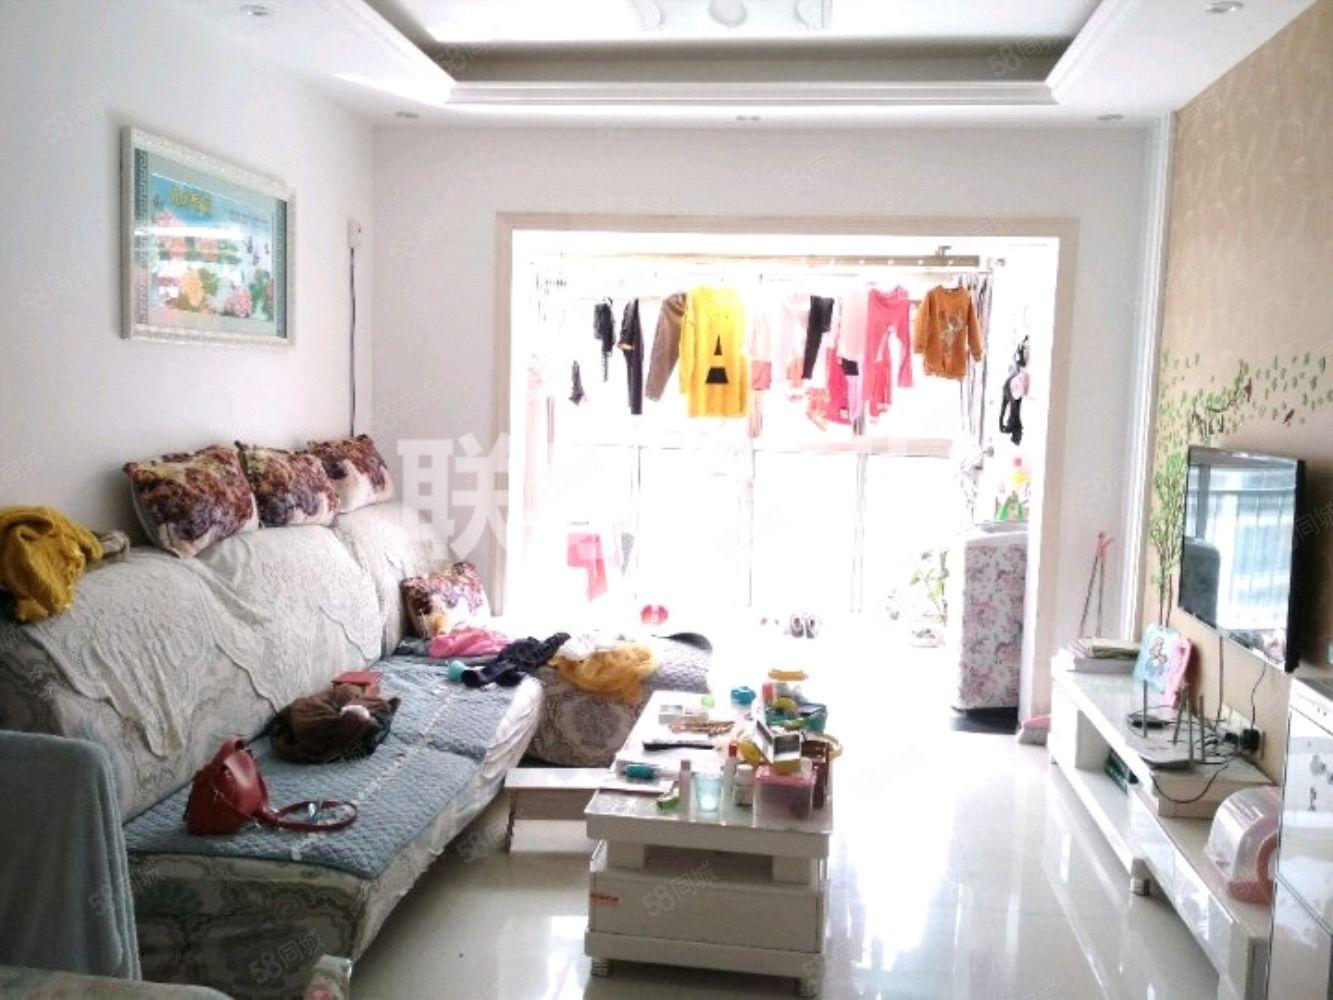 万达商圈,碧桂园精装三室两厅,客厅带落地大阳台,中间楼层